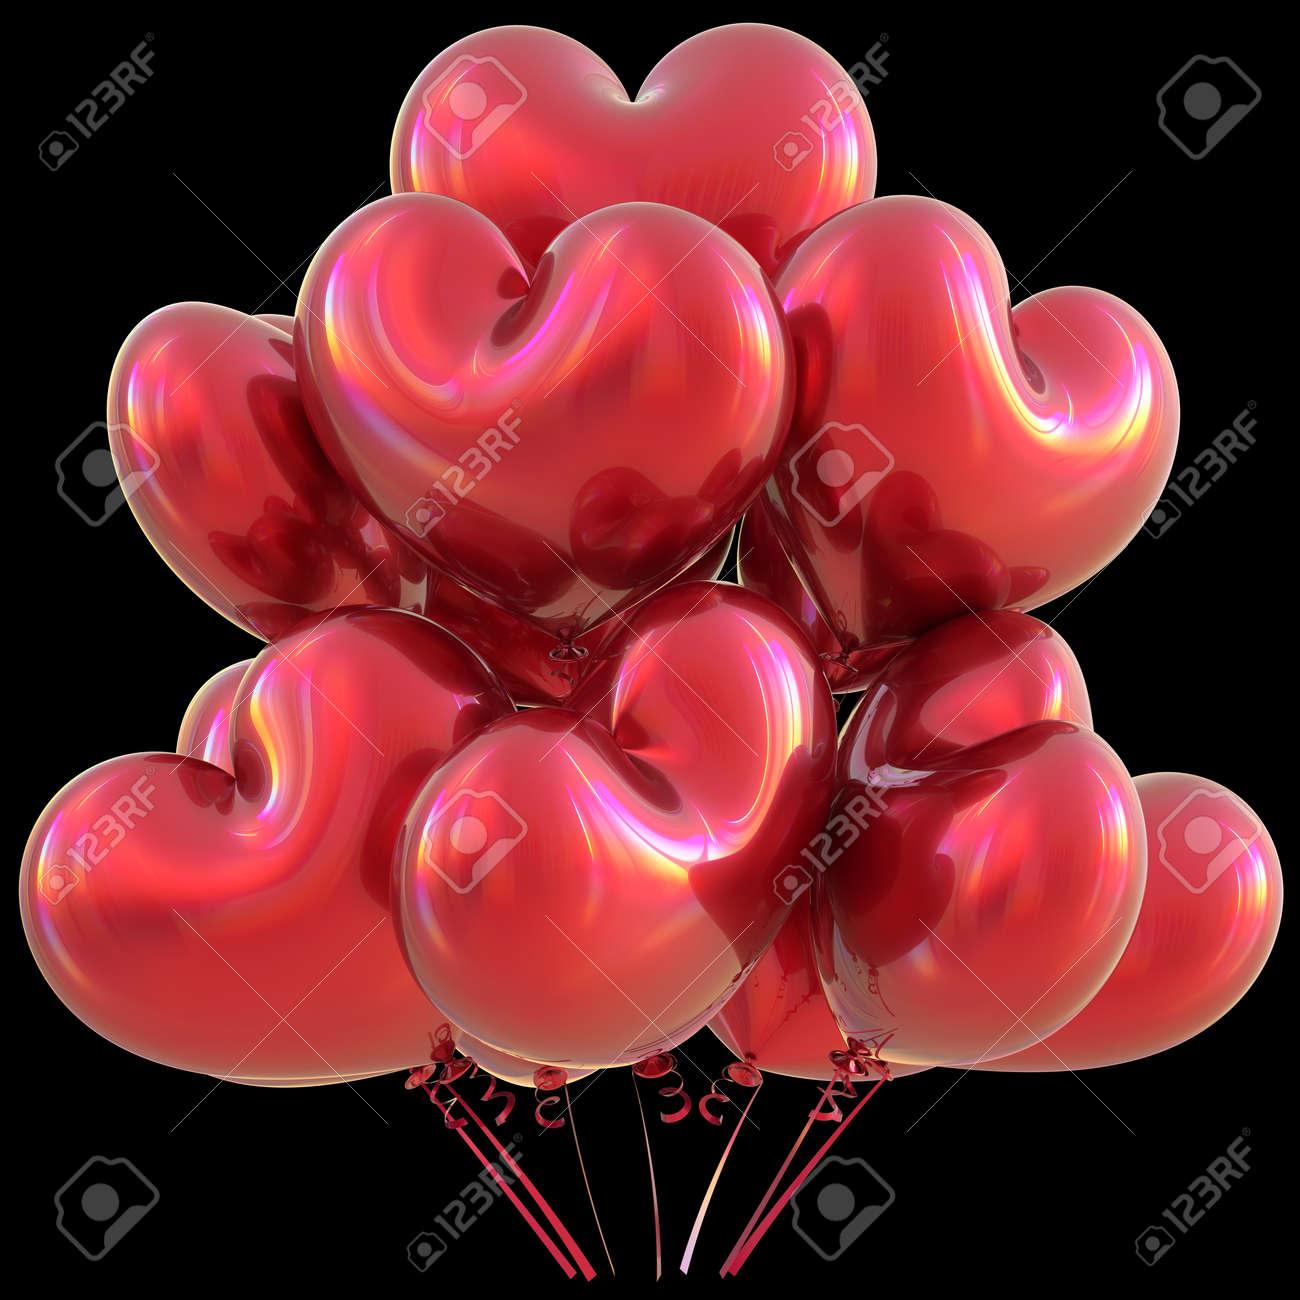 Fete Coeur Ballons Rouge Joyeux Anniversaire Amour Decoration Evenement Brillant L Anniversaire De La Fete De Saint Valentin Celebre Le Concept De Carte De Voeux Du Carnaval De Noel Illustration 3d Isolee Sur Le